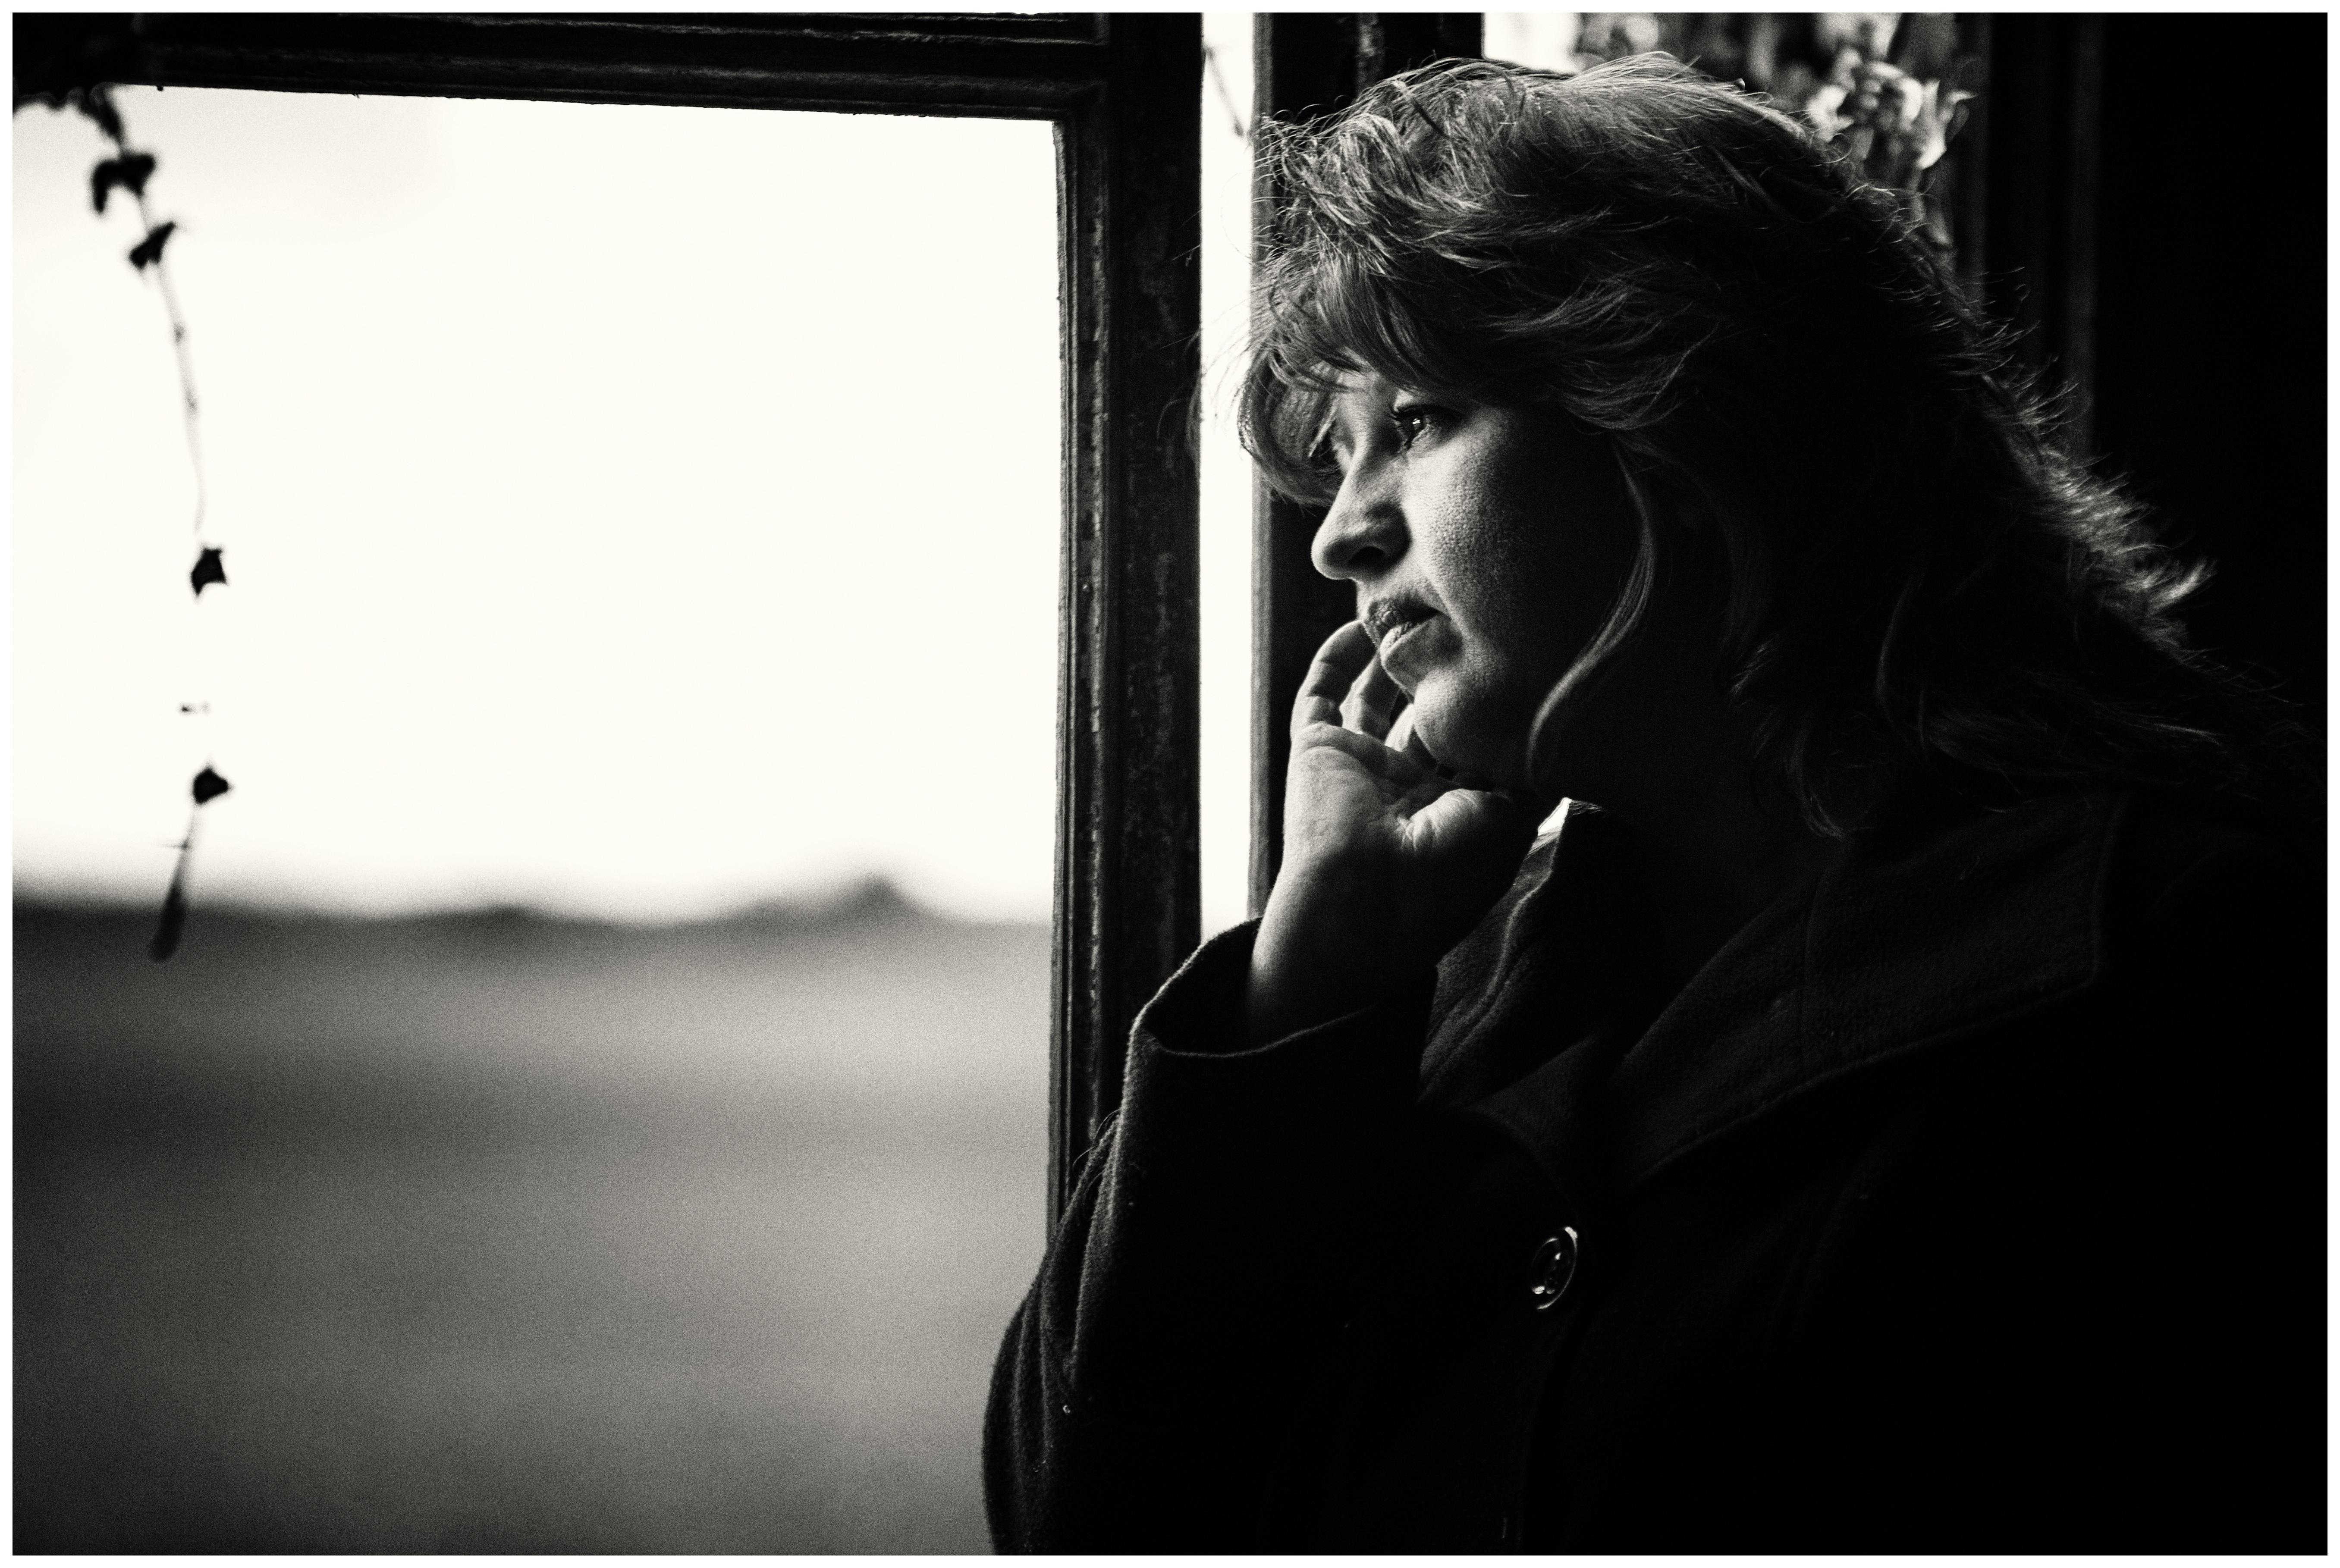 88+ Gambar Wanita Galau Hitam Putih